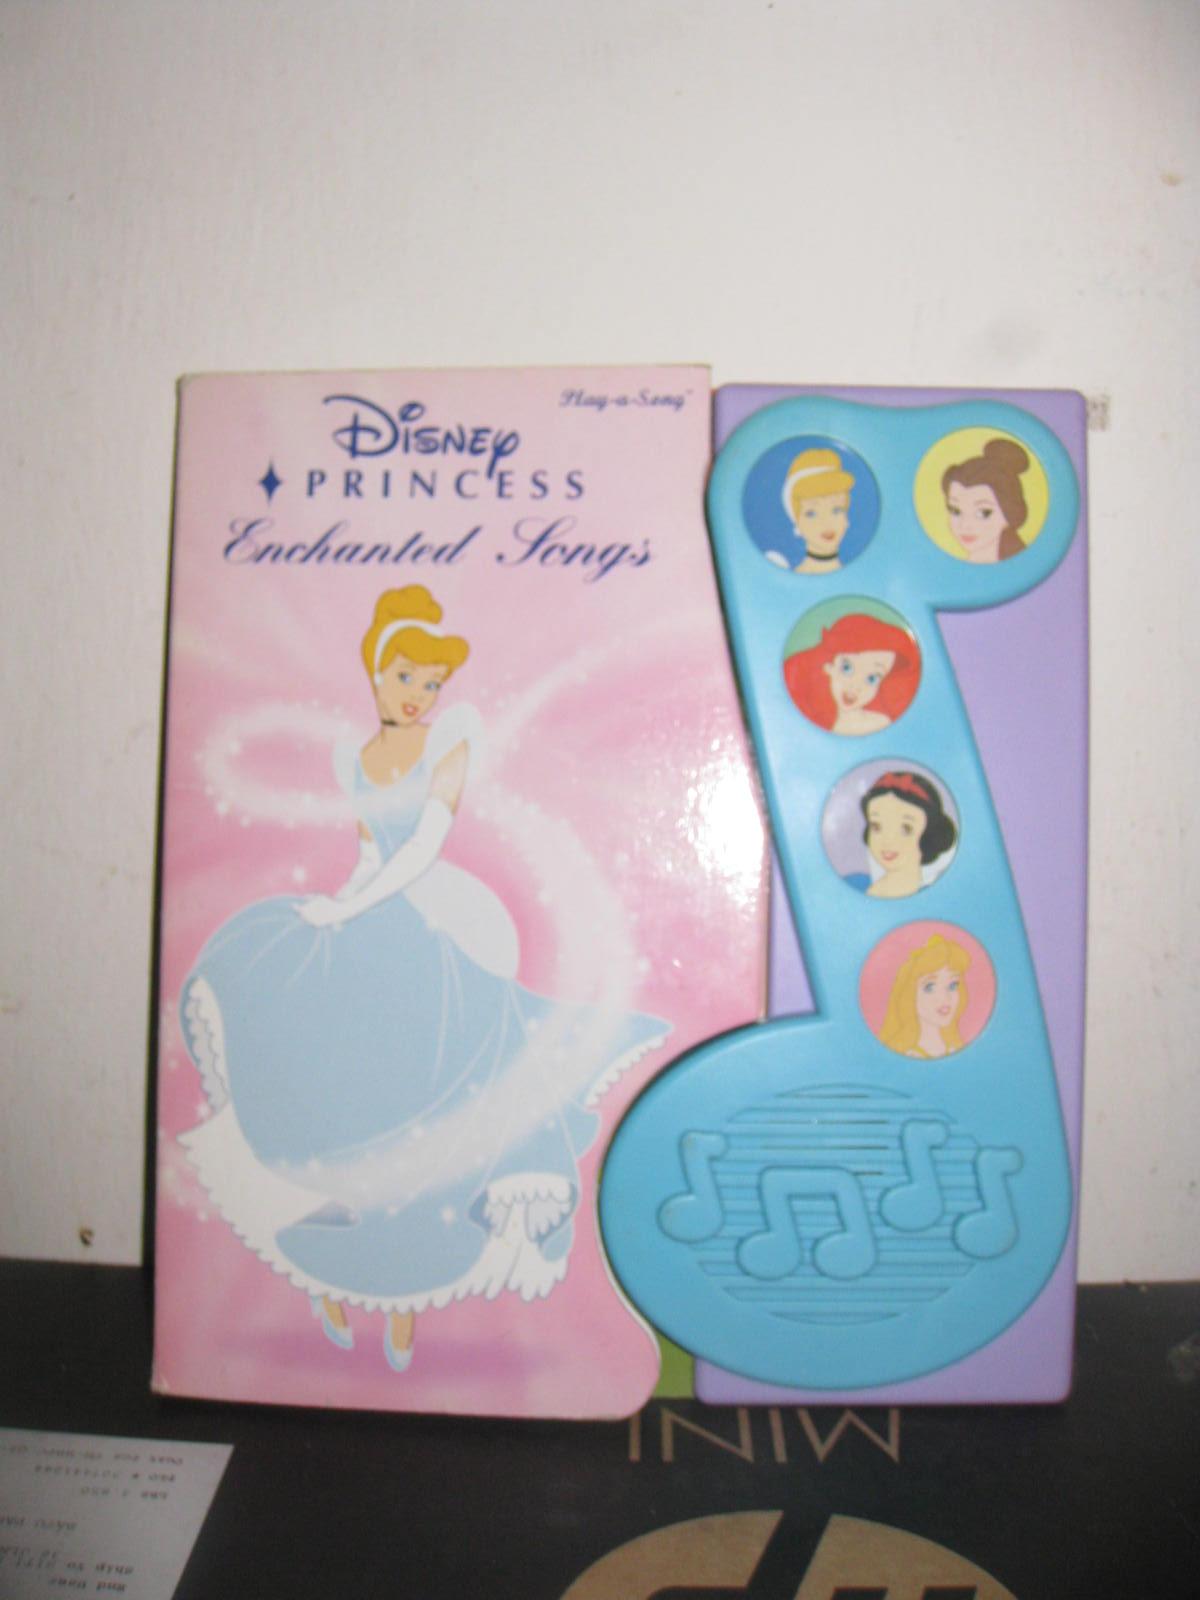 Mesya & Baby Wardrobe: Disney princess musical book